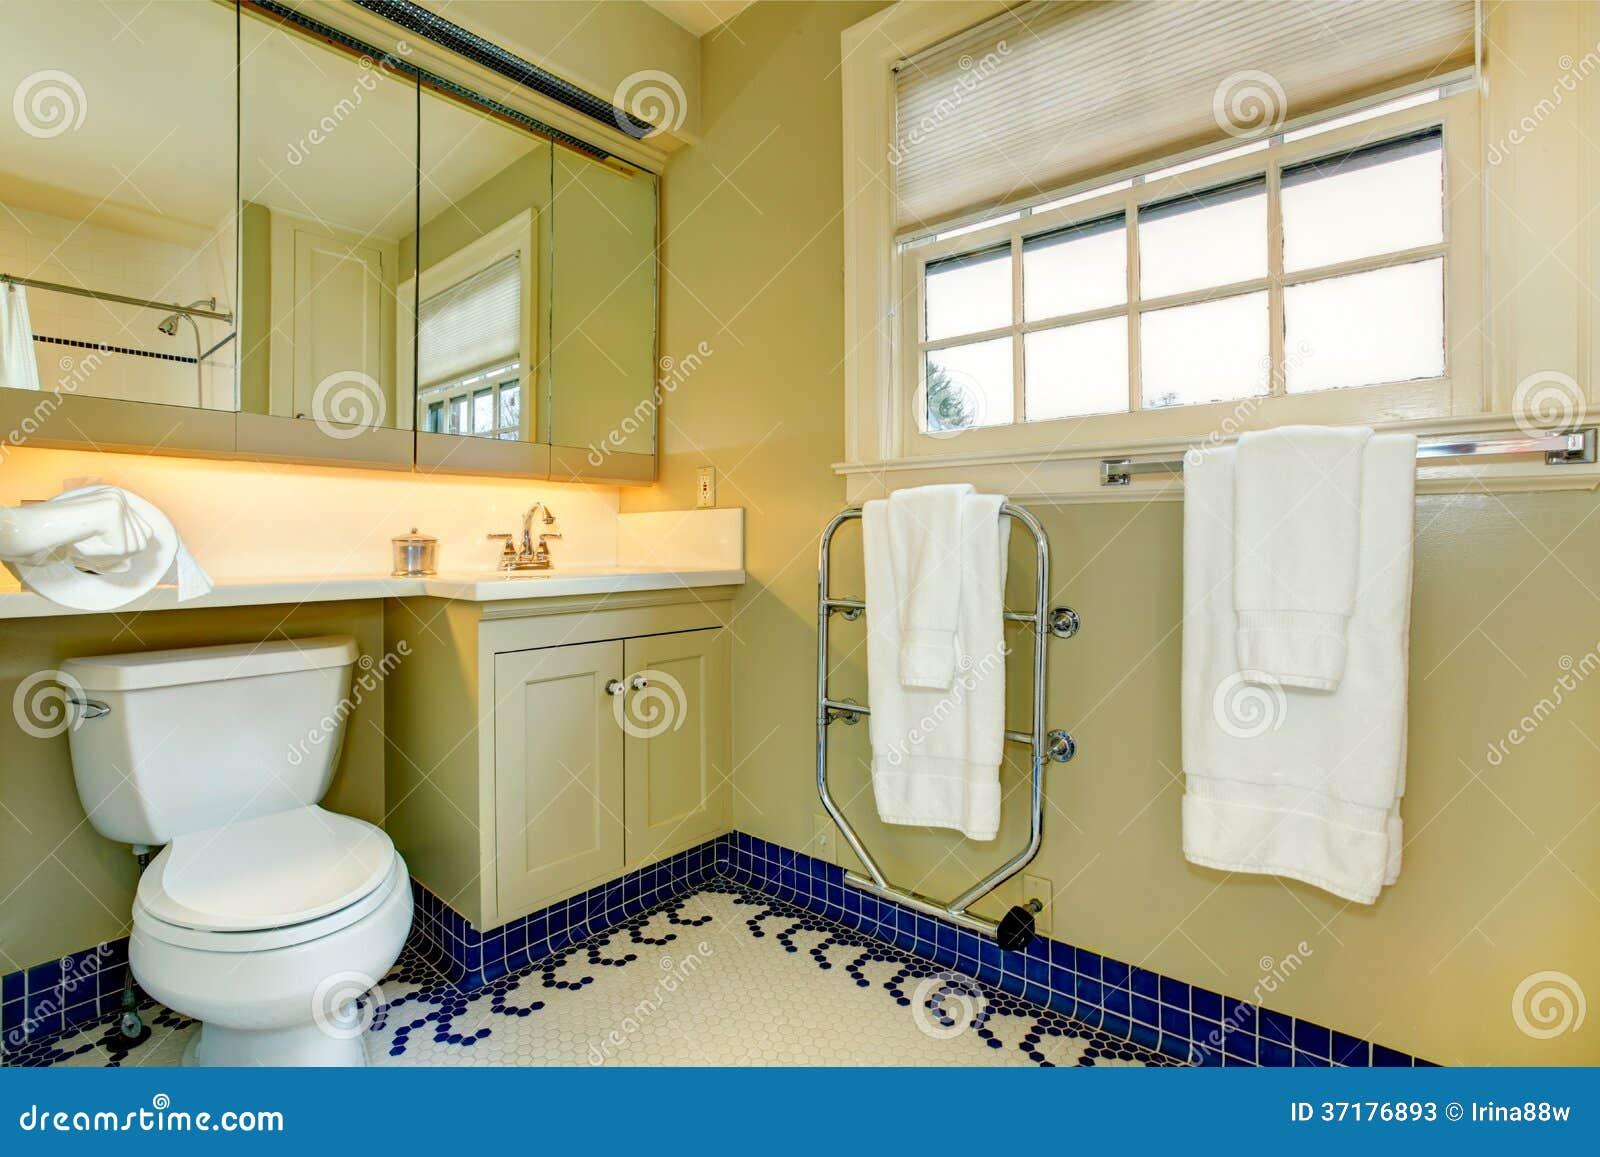 Piastrelle Blu Per Bagno : Bagno giallo luminoso con la pavimentazione in piastrelle blu